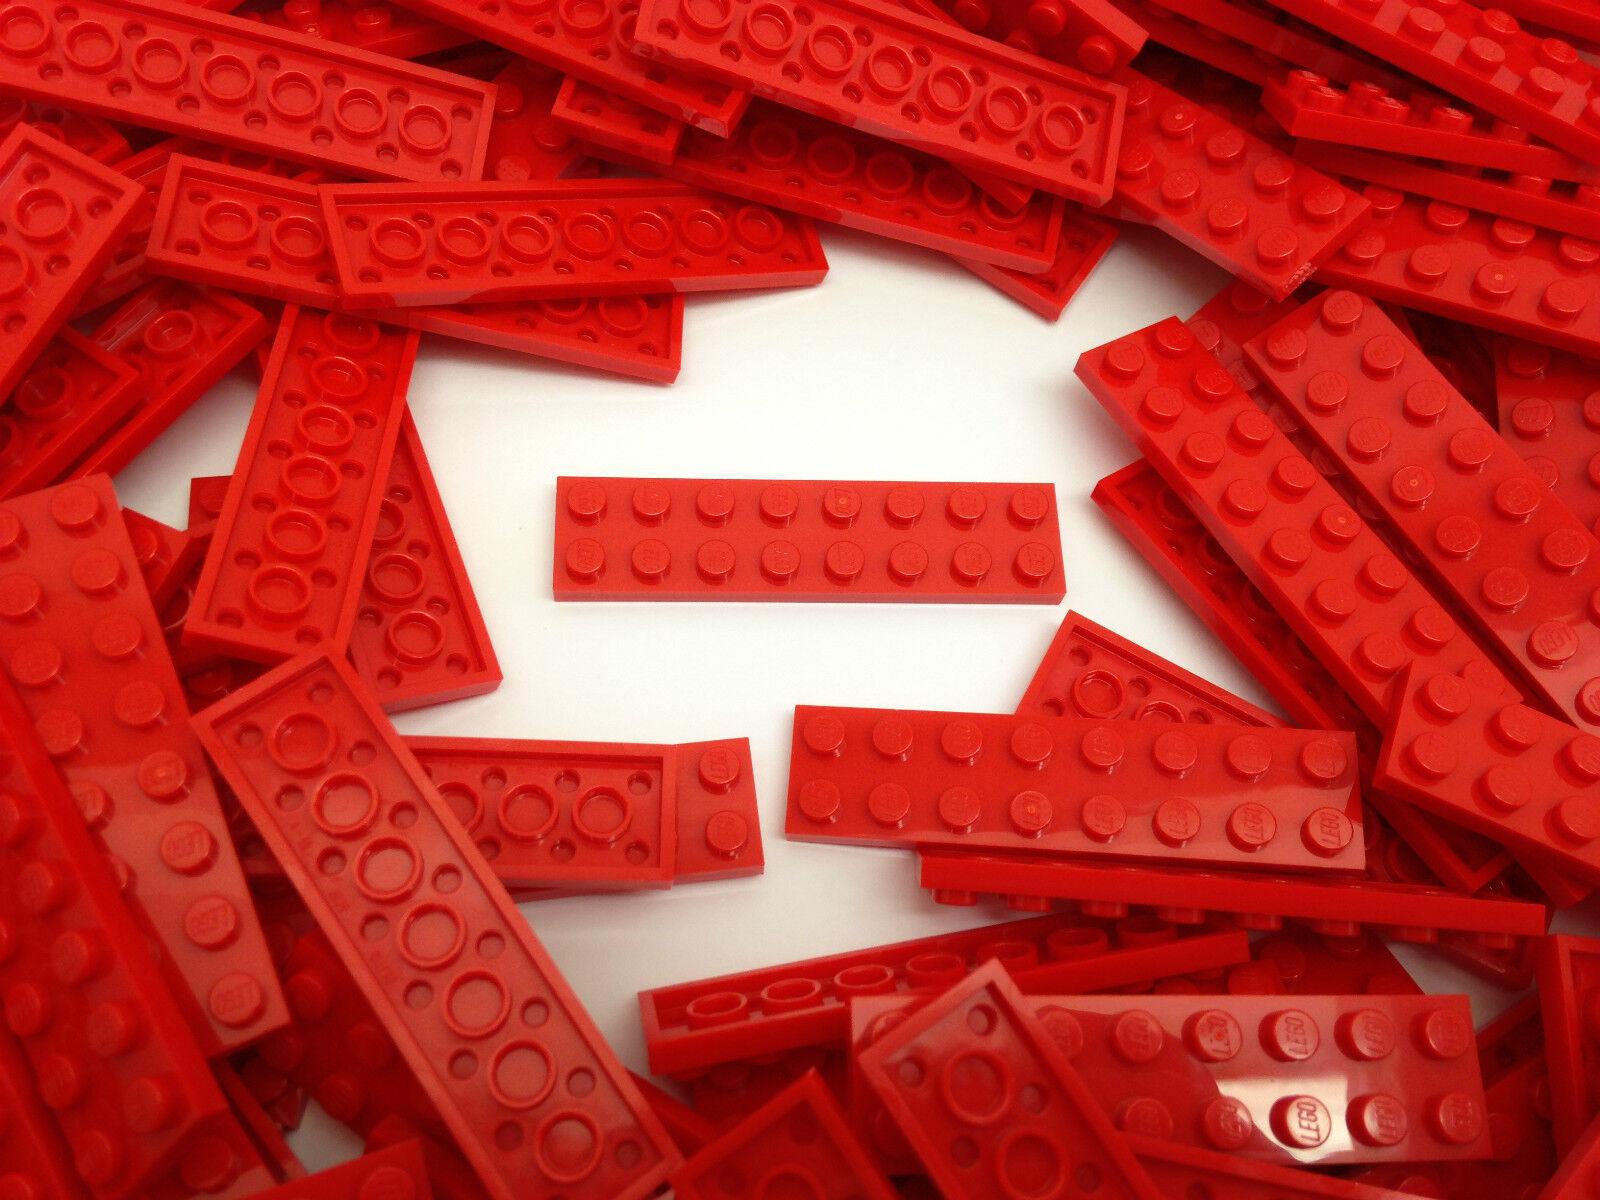 LEGO 3003 - NOUVEAU red plaques 2x8 20 pieces par commande